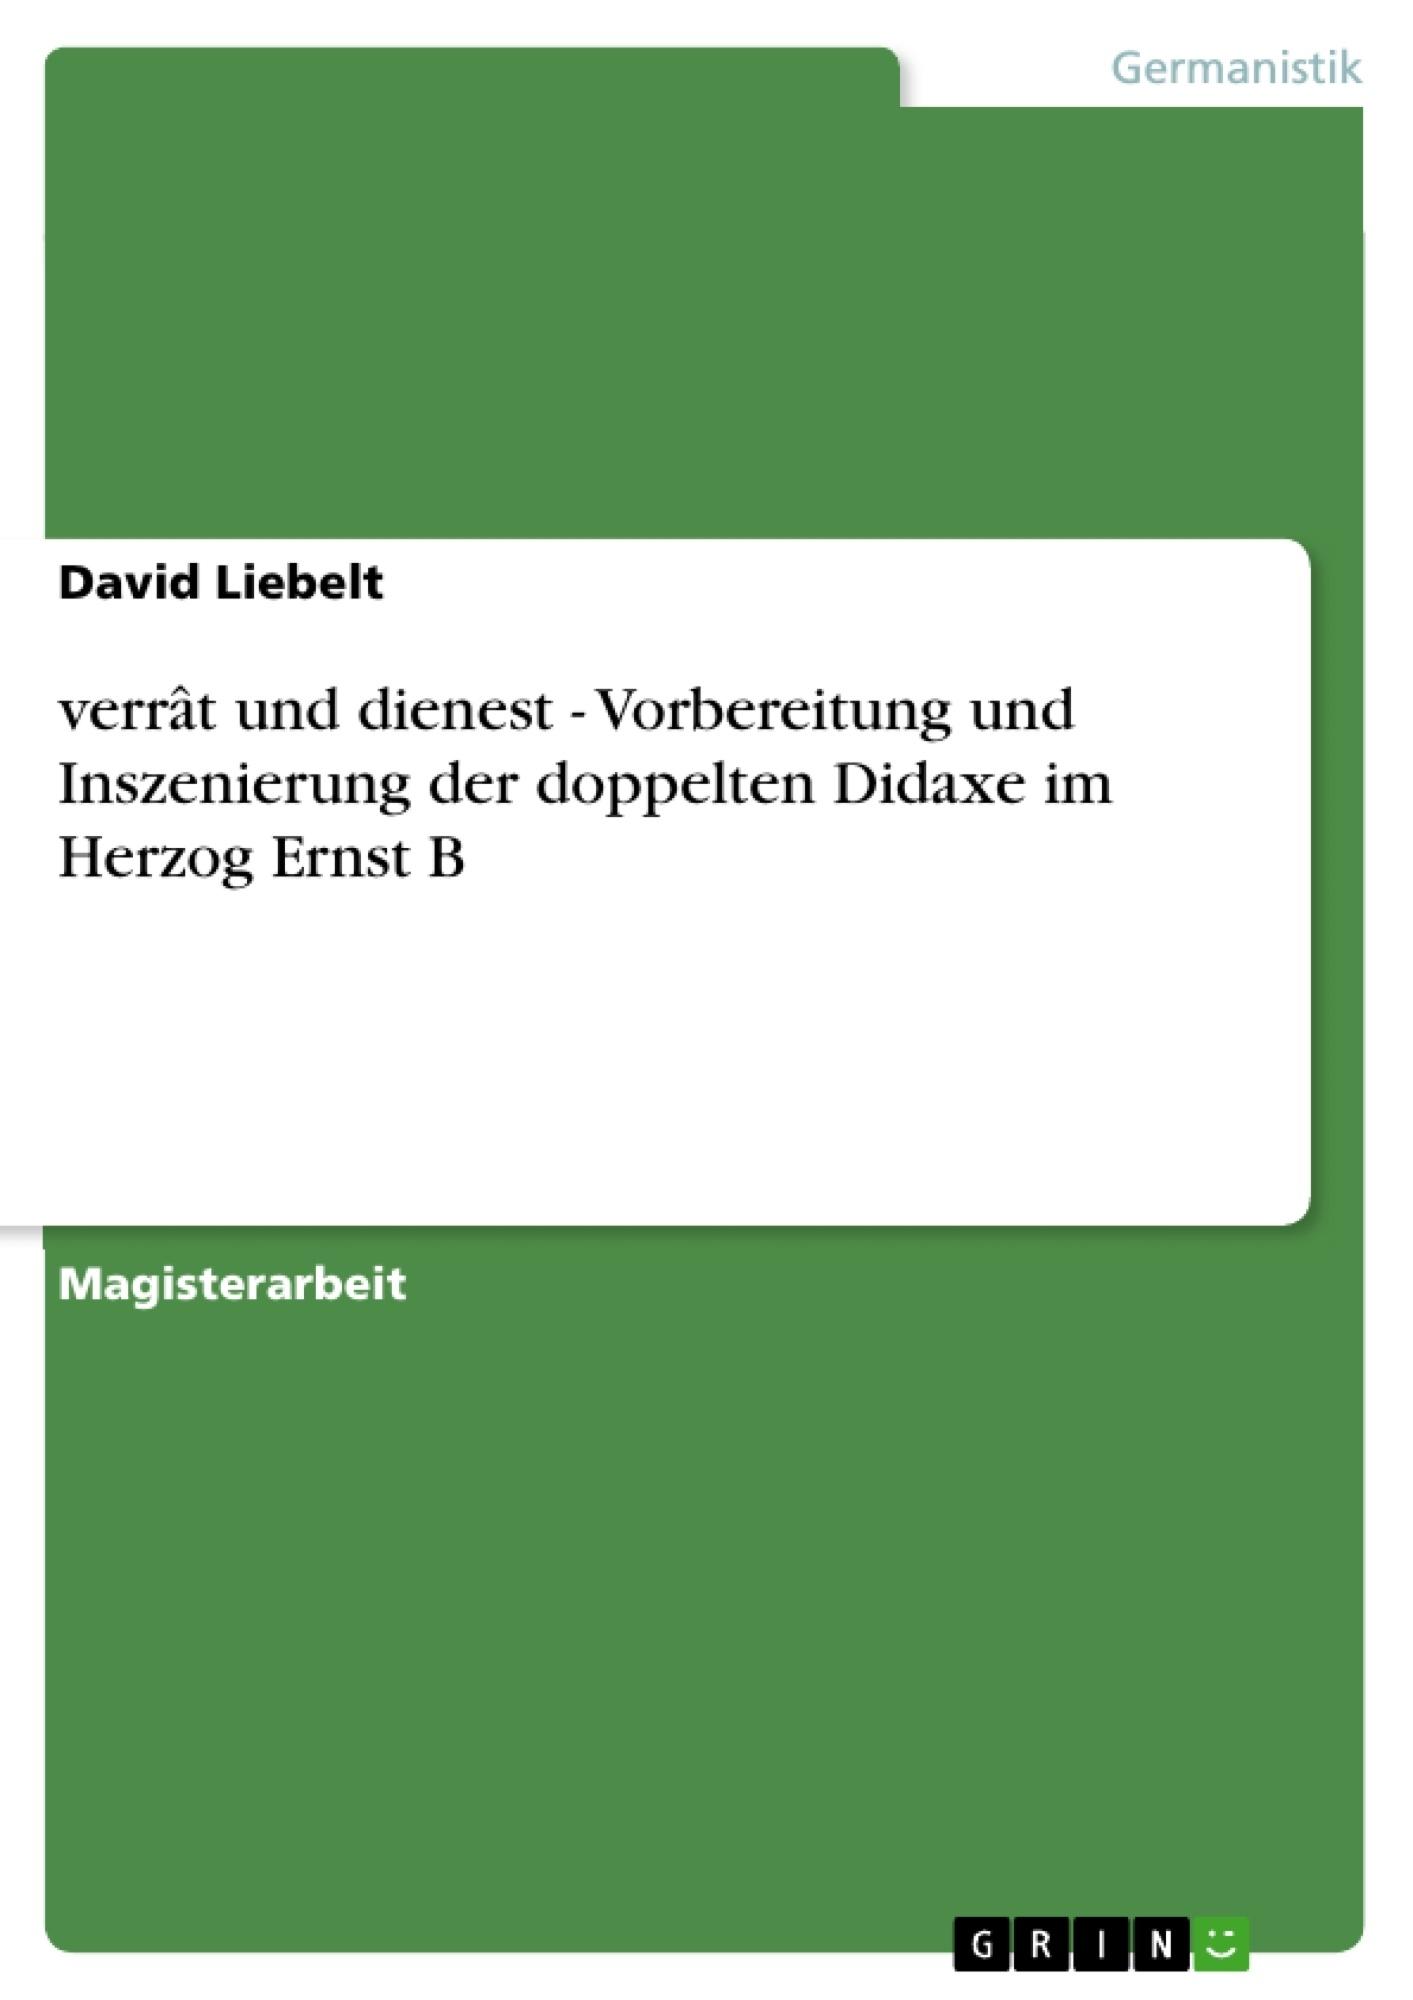 Titel: verrât und dienest - Vorbereitung und Inszenierung der doppelten Didaxe im Herzog Ernst B